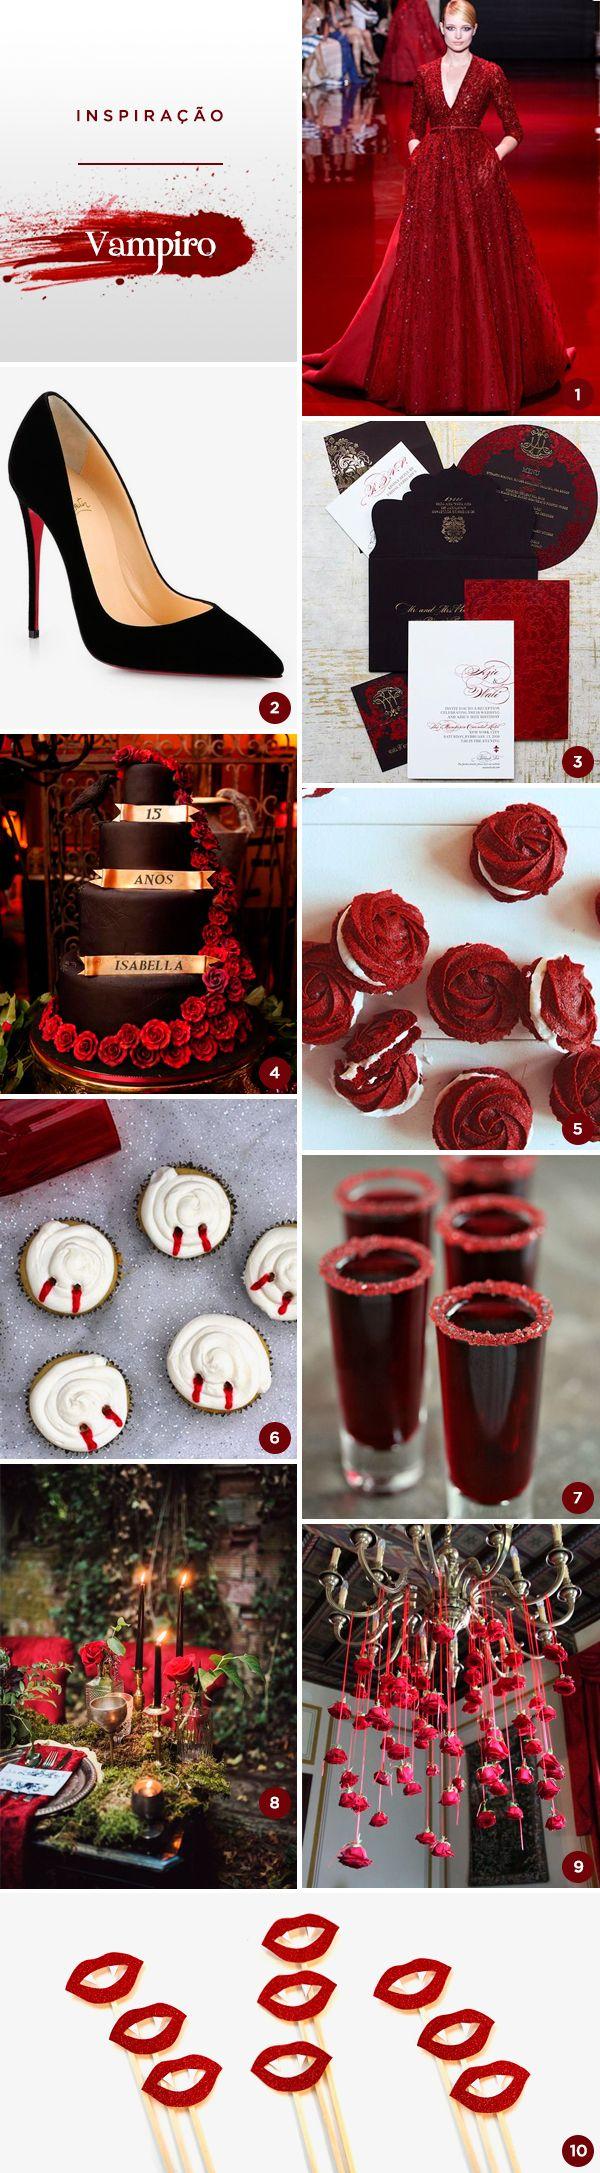 Decoracao fazendinha luxo bolo falso ccs decoracoes eventos car - 10 Ideias Para Uma Festa De 15 Anos Com Tema Vampiro Constance Zahn